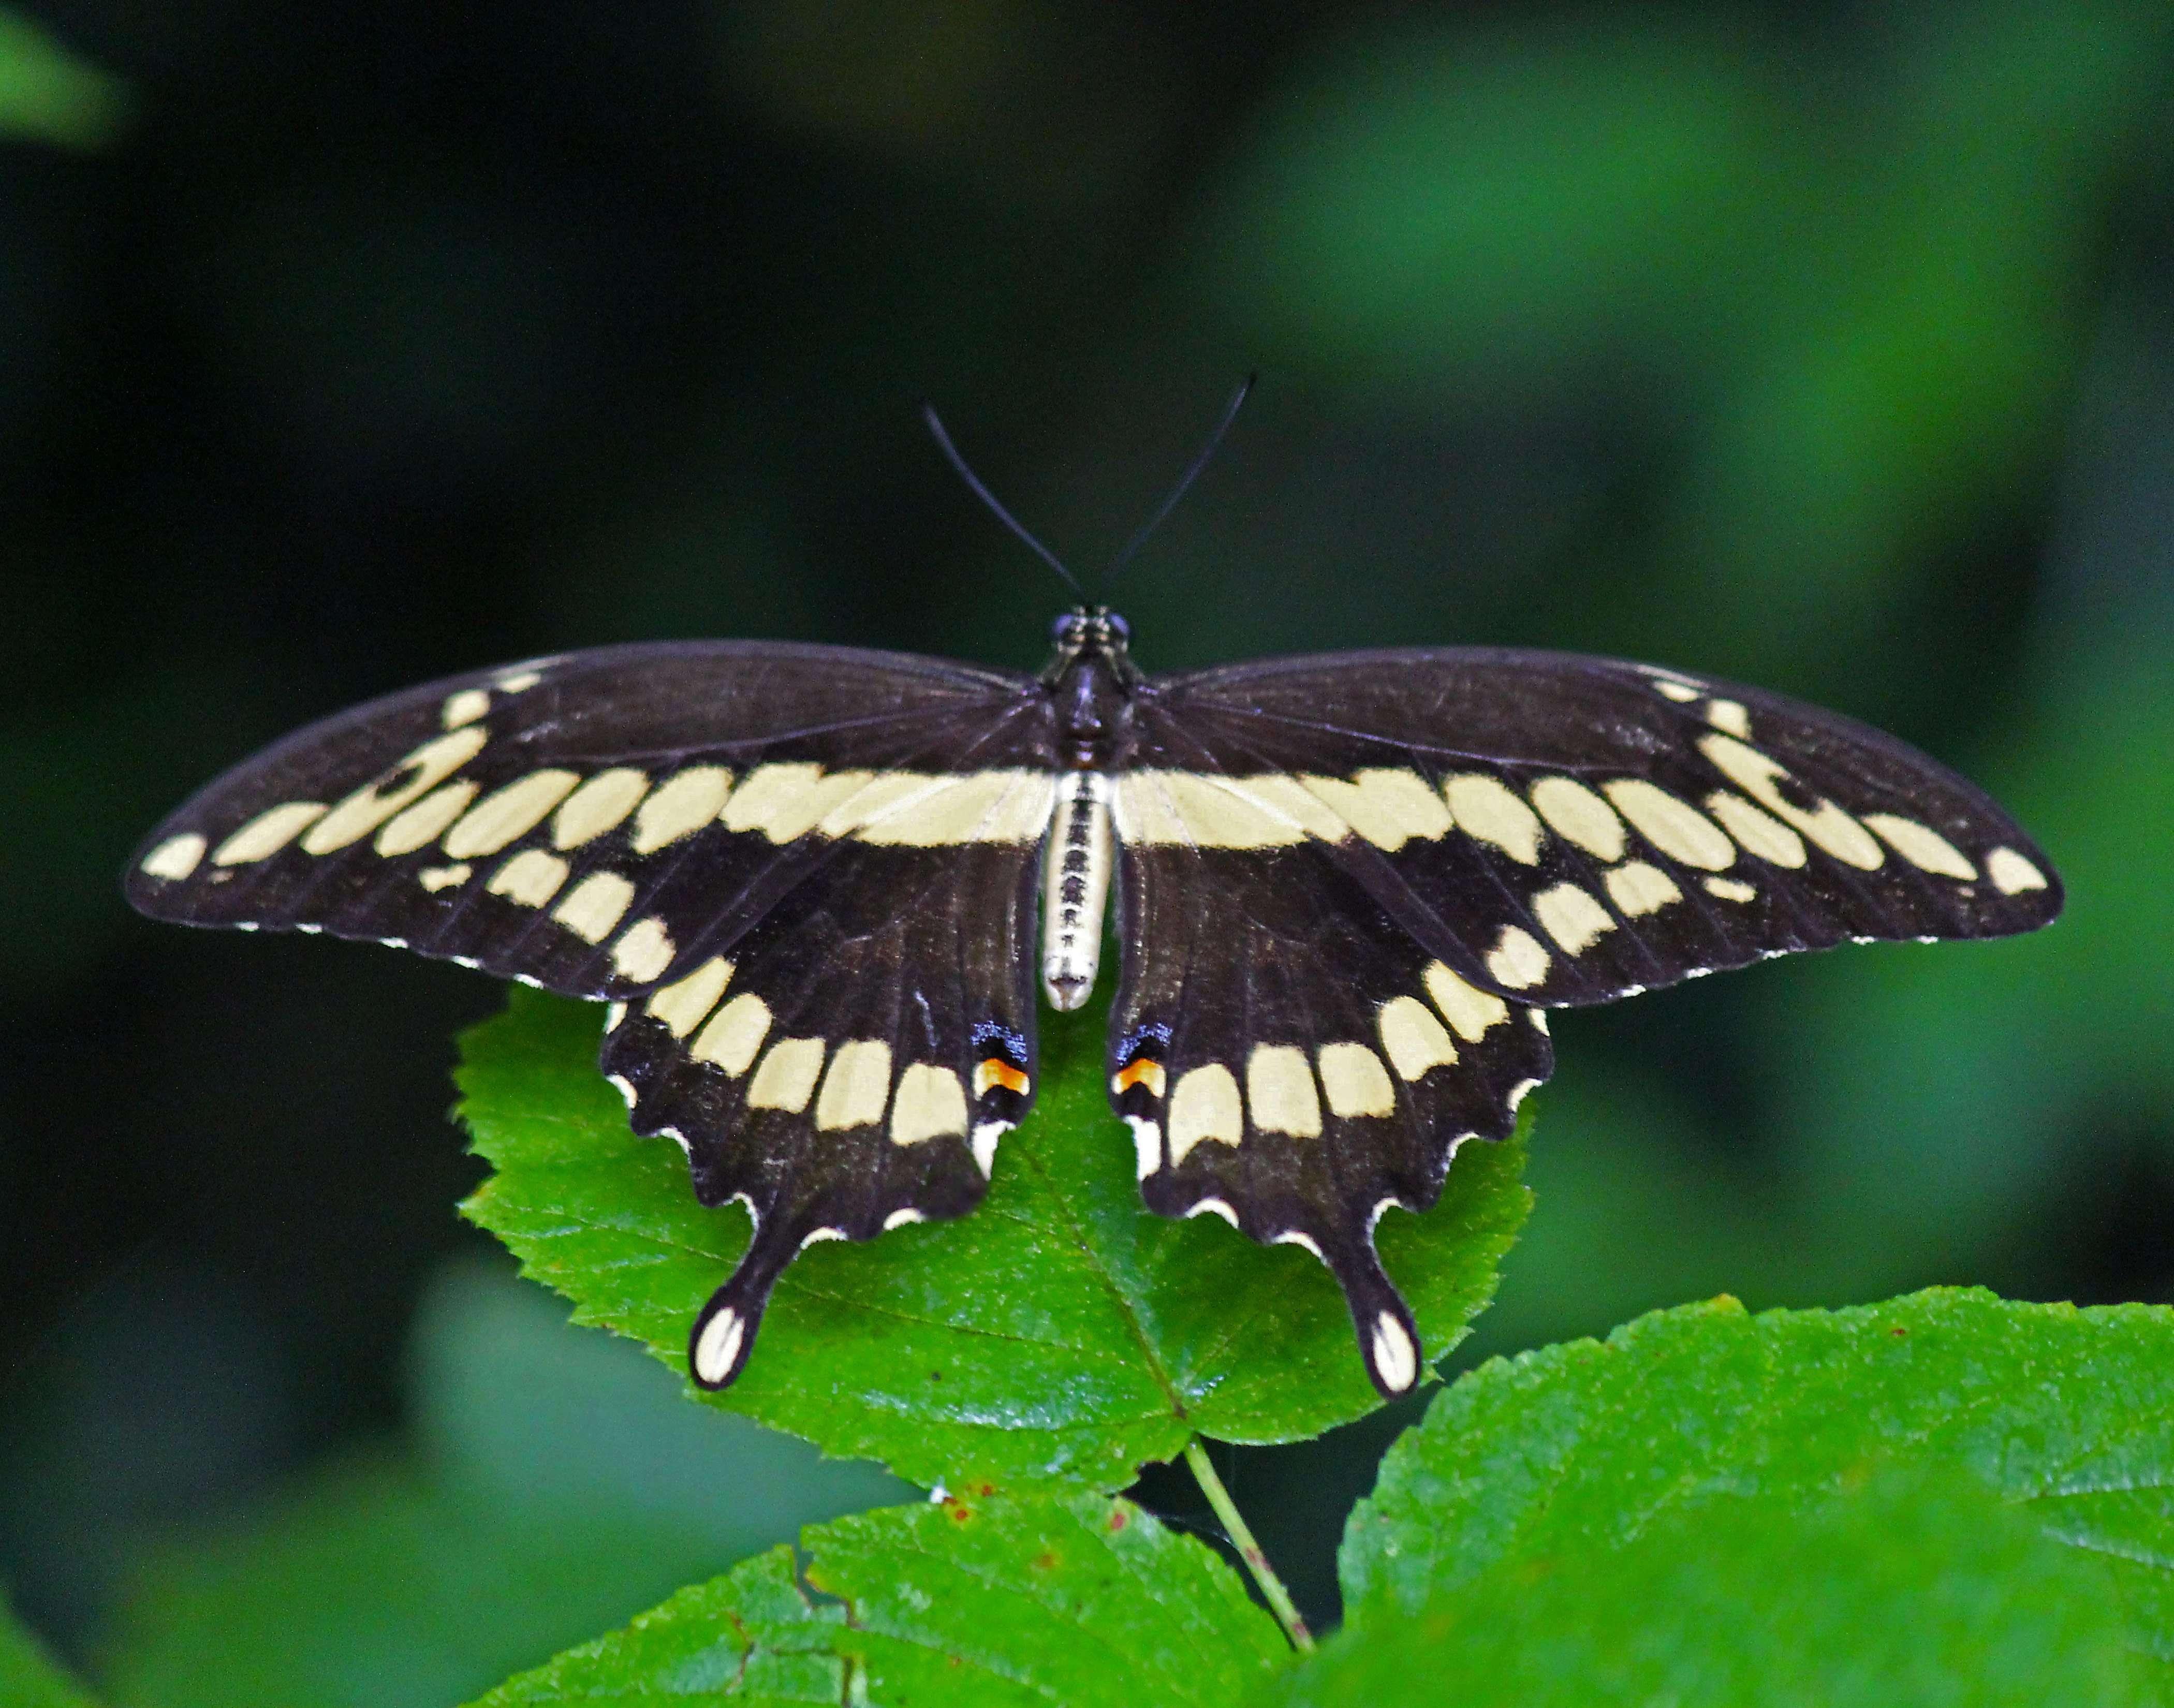 Giant Swallowtail - Dorsal View